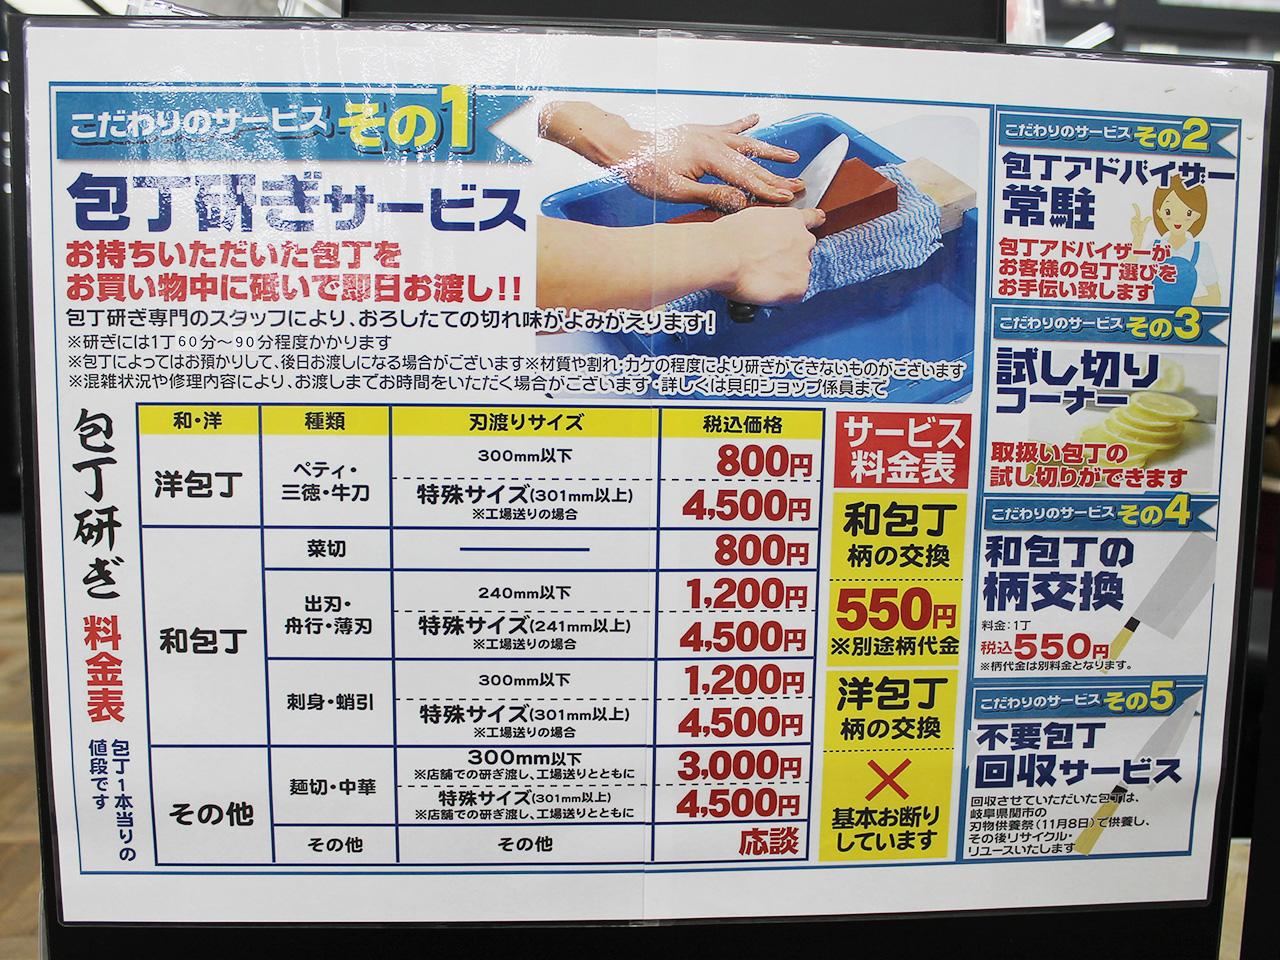 ホームセンタームサシ_包丁研ぎサービス内容